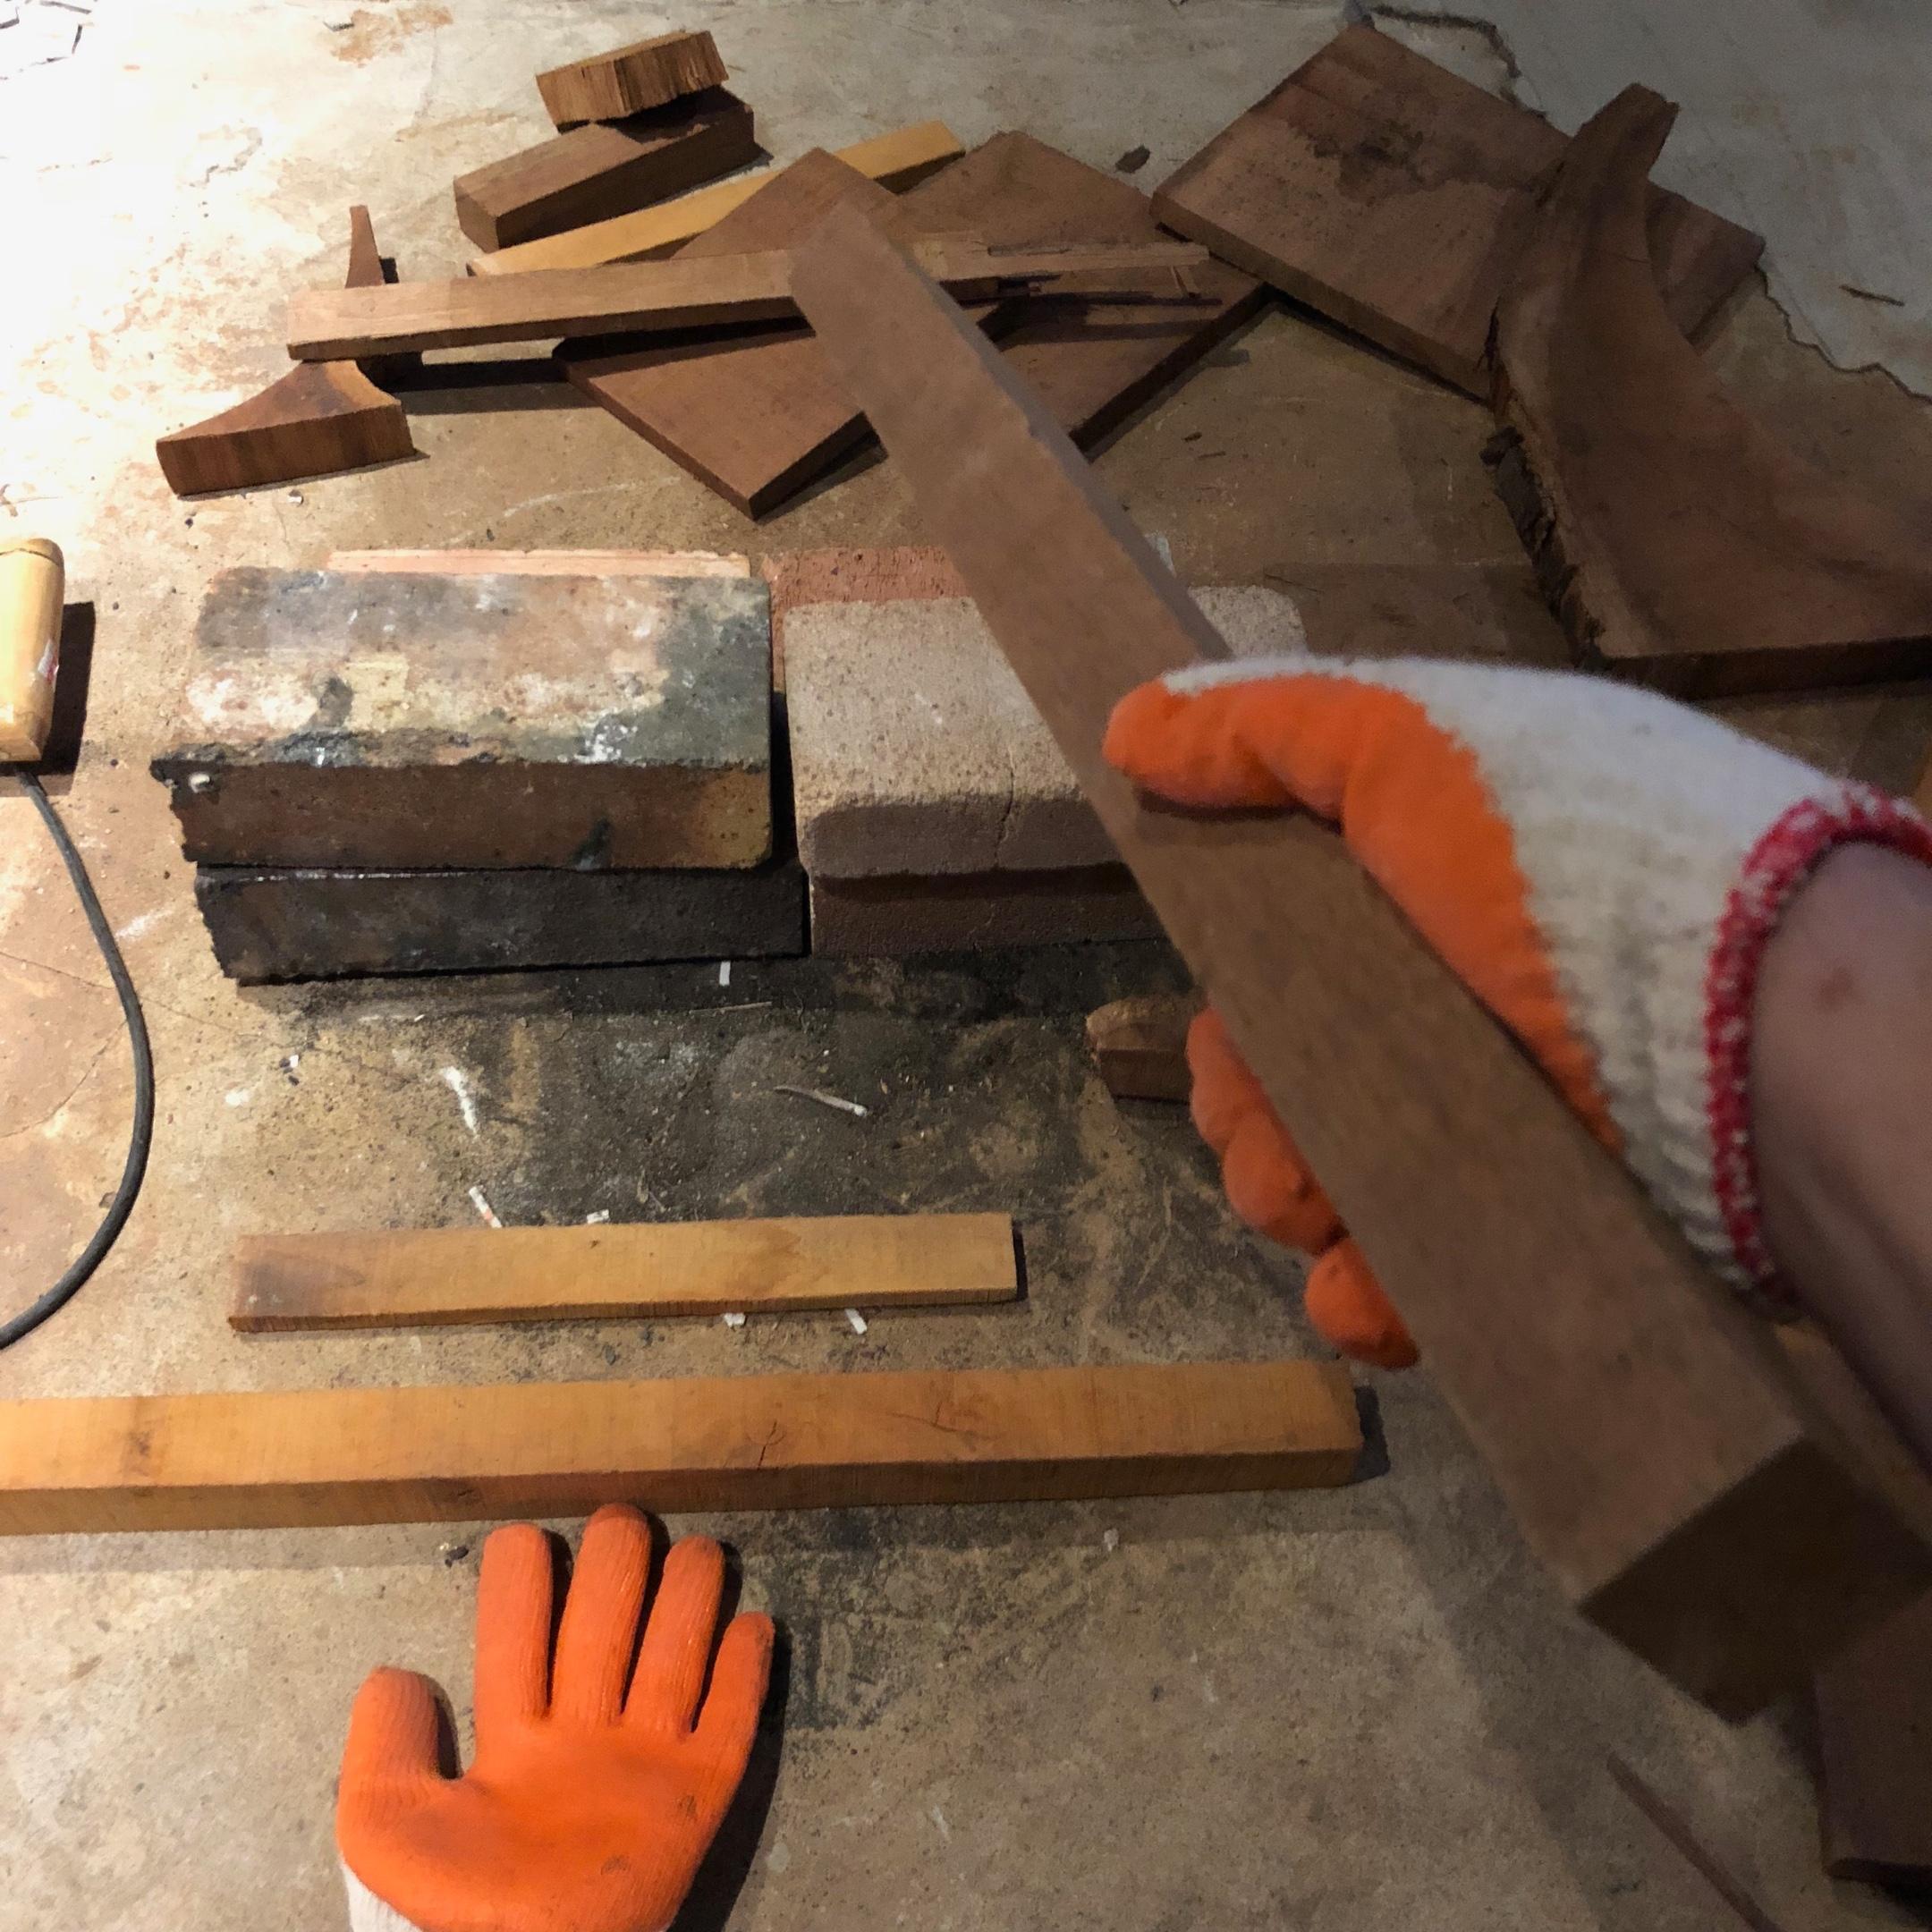 Foley道具(照片提供:好多聲音)